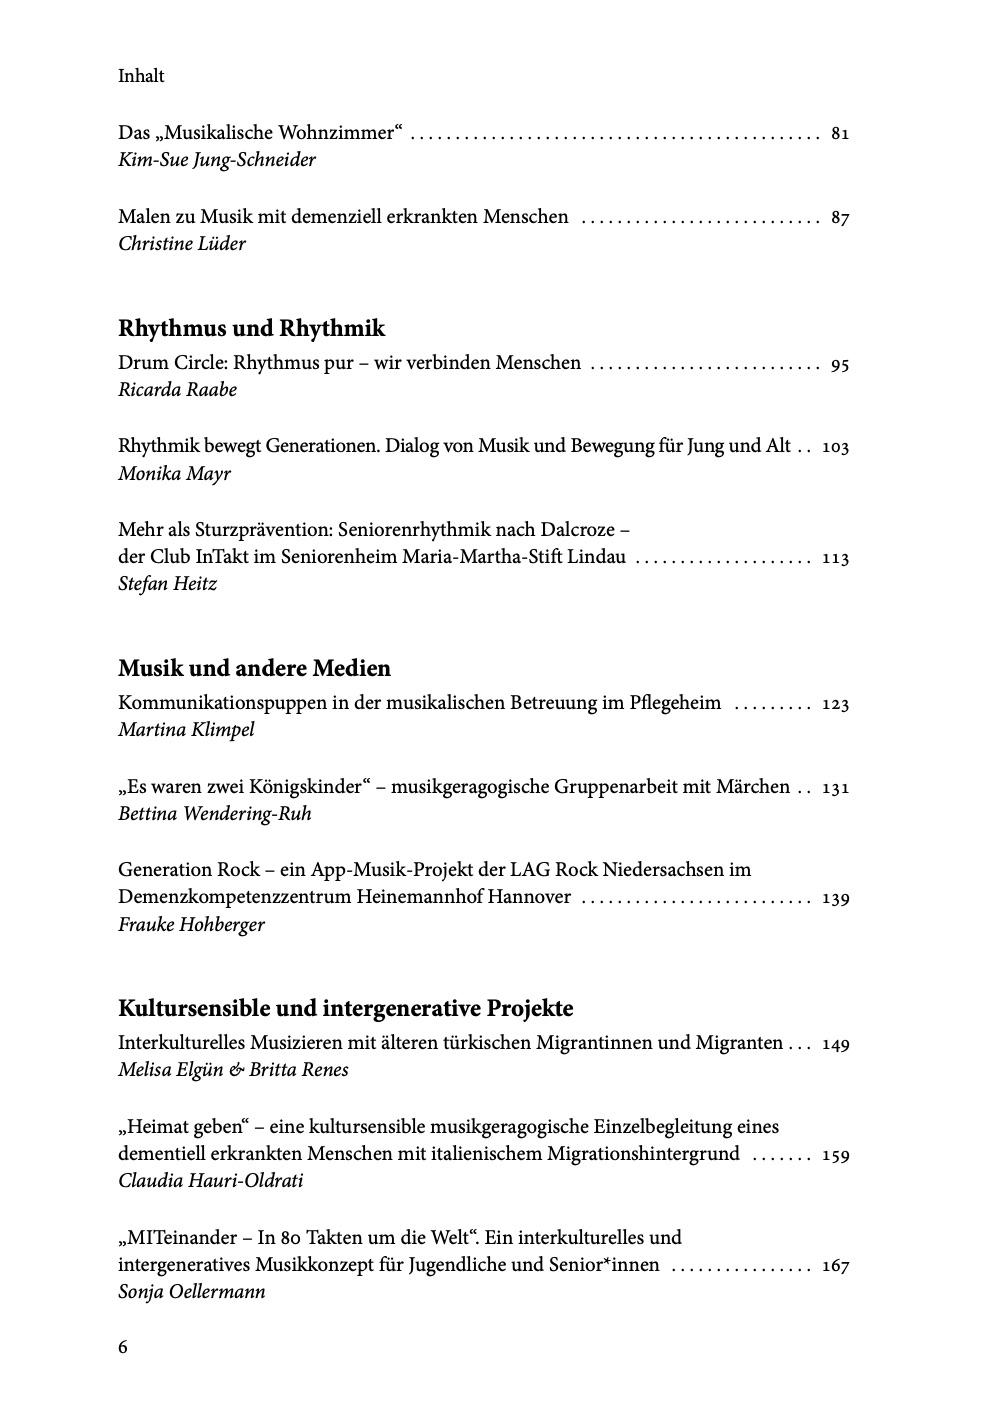 Ausschnitt Inhaltsverzeichnis